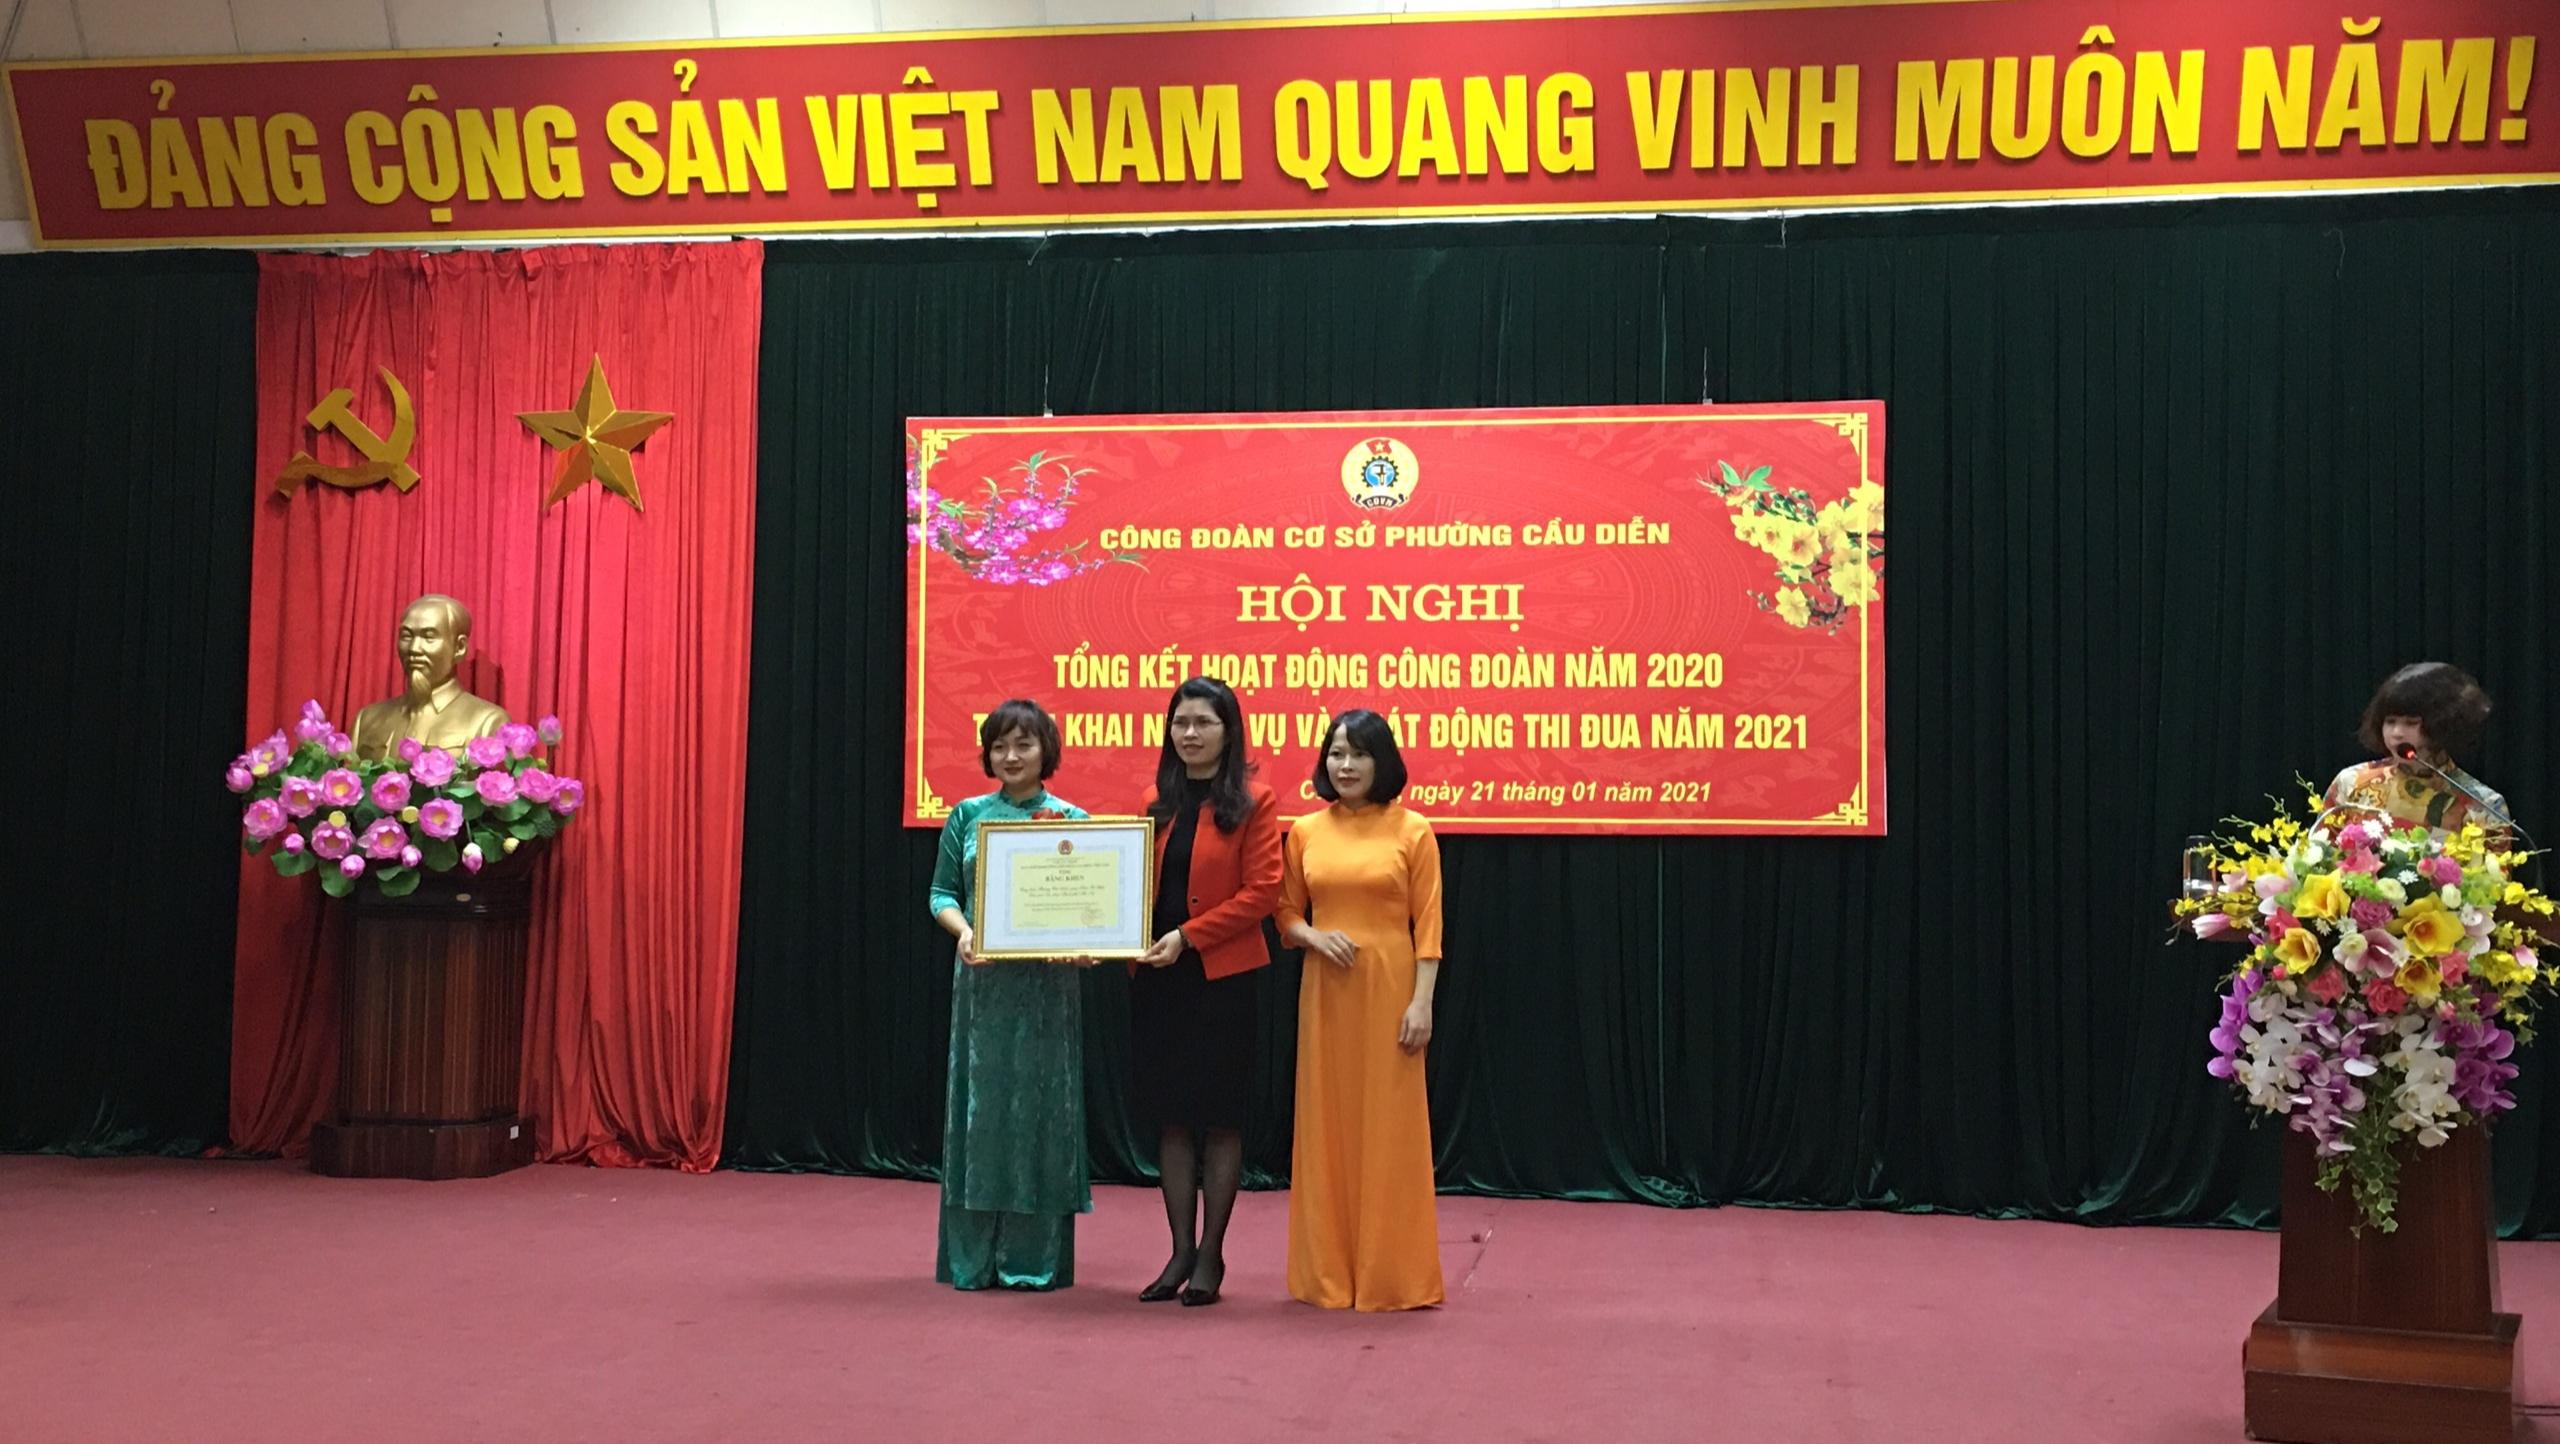 Phát động thi đua điểm năm 2021 tại công đoàn cơ sở phường Cầu Diễn